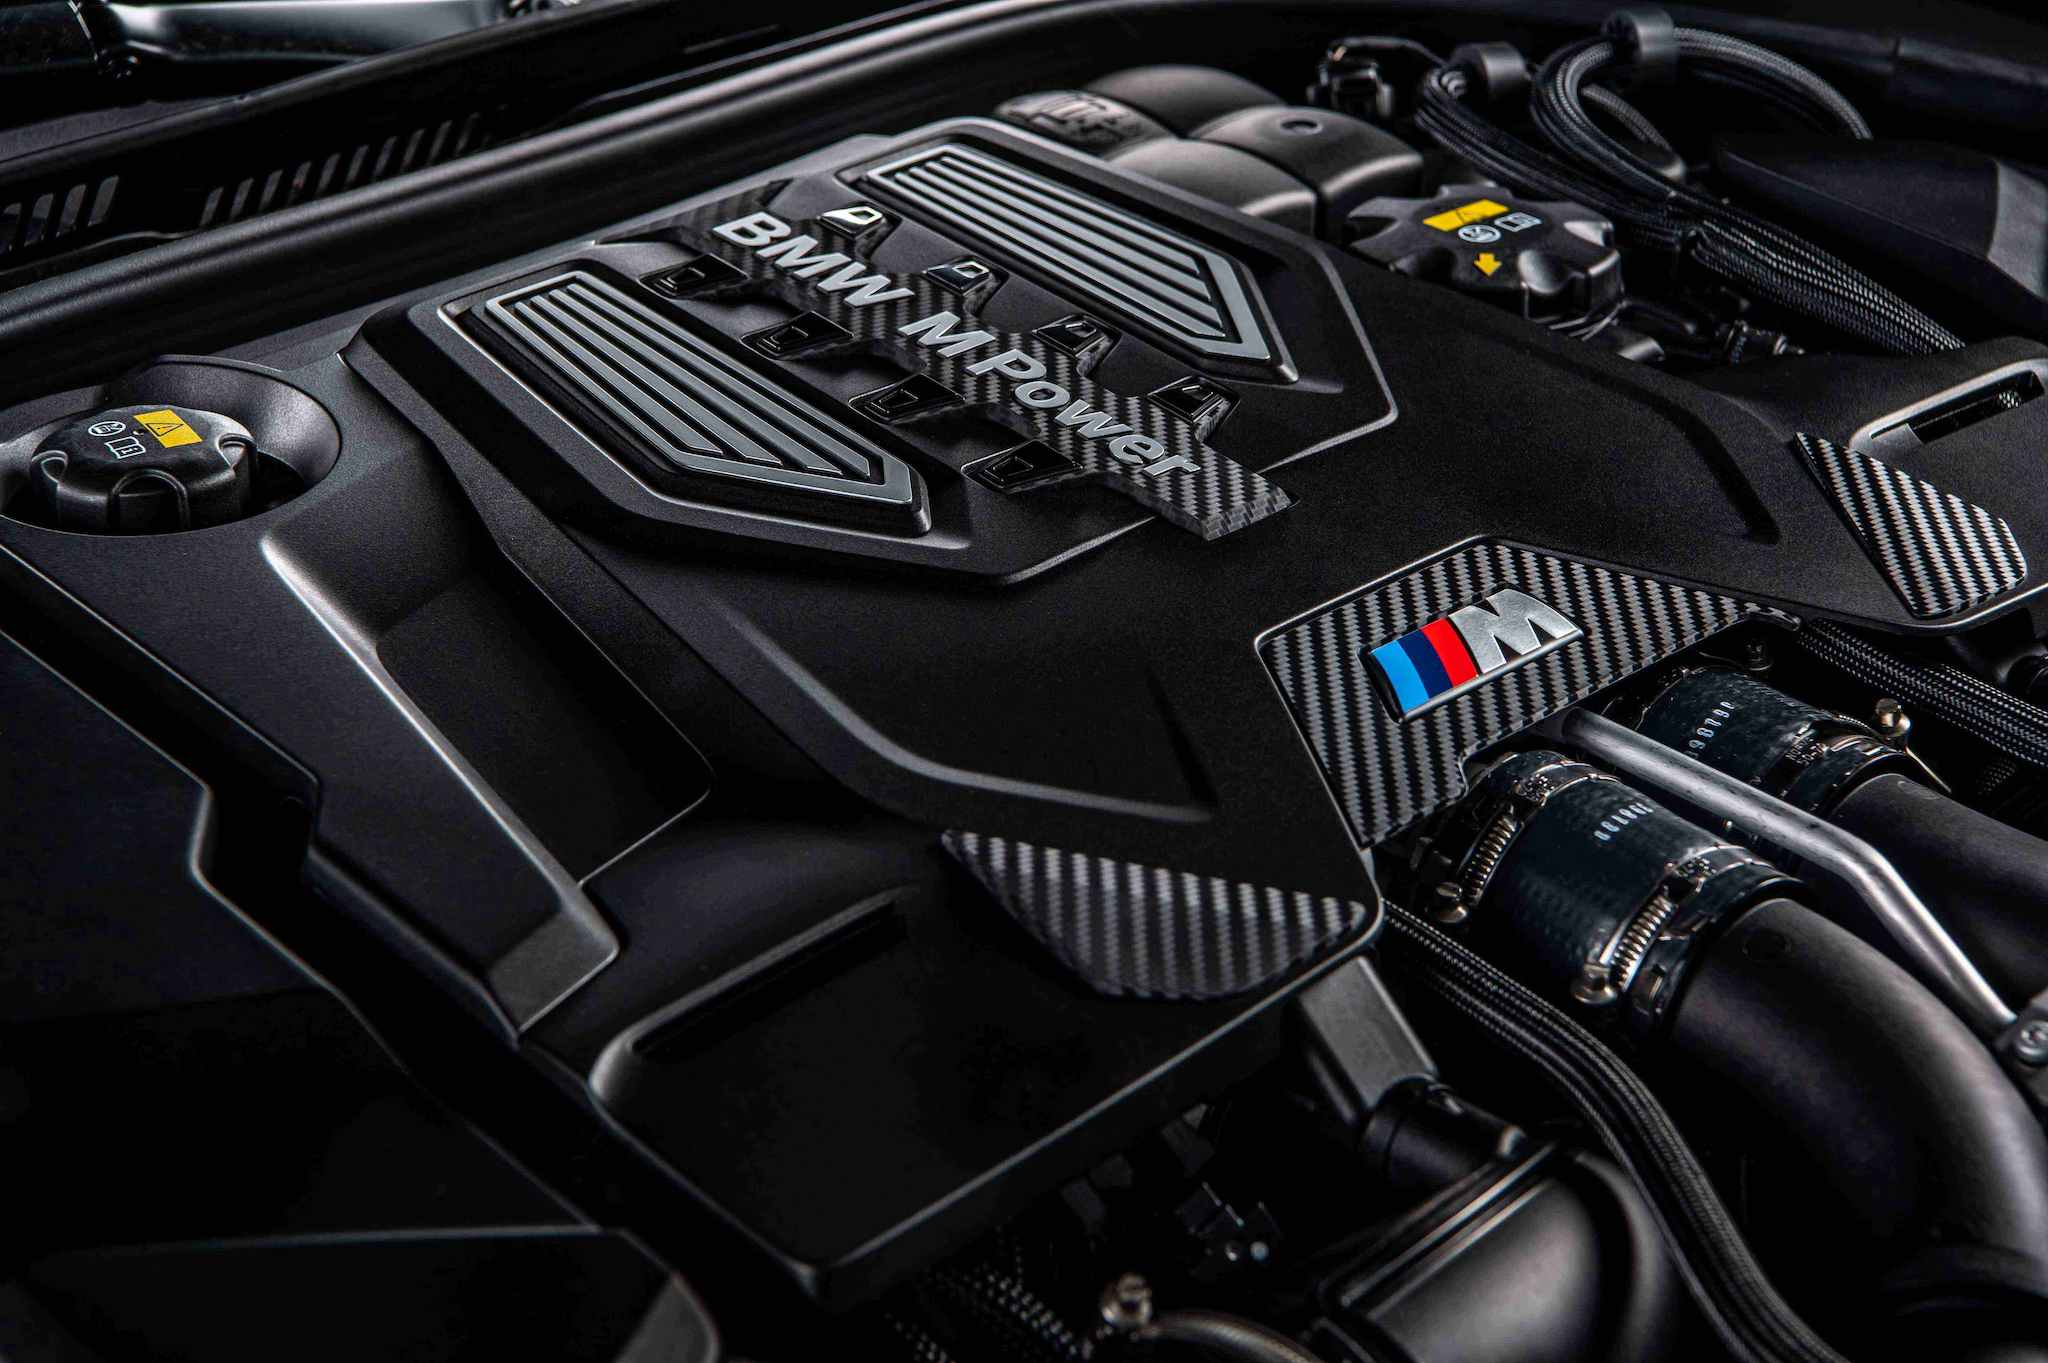 全新 BMW M5 搭載 M TwinPower Turbo S63 4.4 升 V 型 8 汽缸雙渦輪雙渦流汽油引擎,最大馬力達 600 匹德制馬力與 750 牛頓米的強勁扭力輸出。